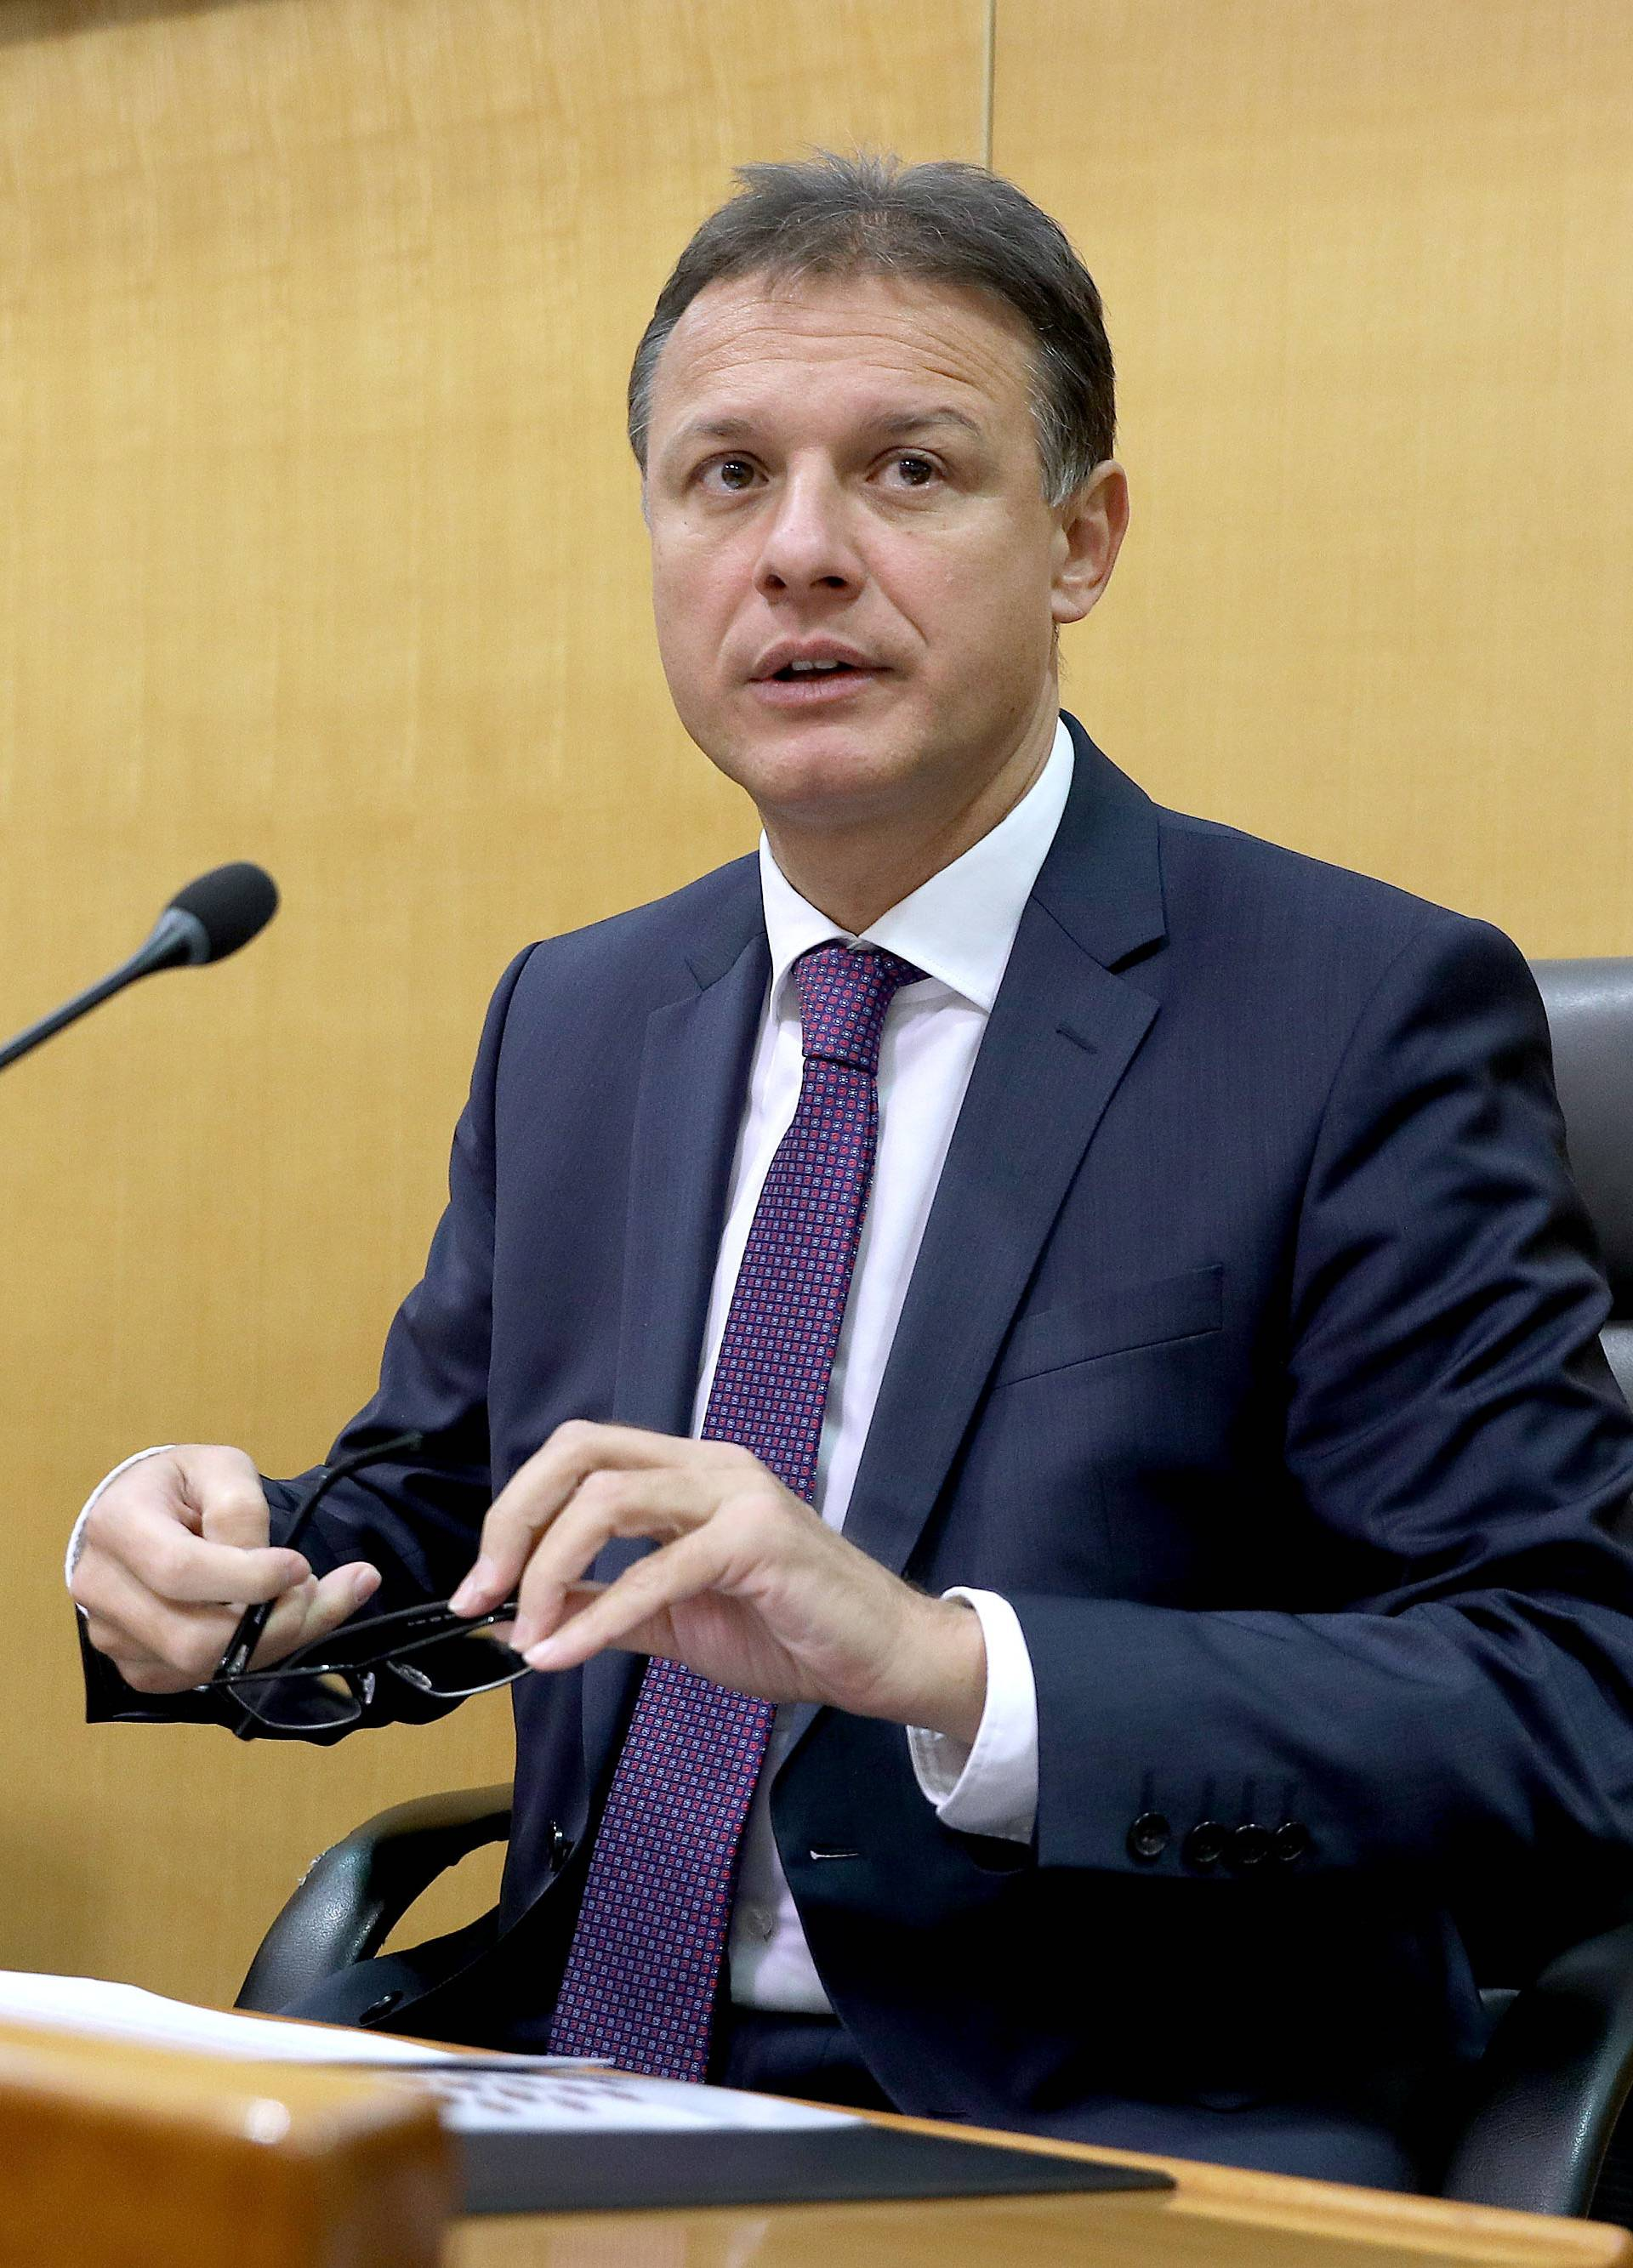 Šef Sabora: Odustajanje Dalije Orešković ne želim komentirati